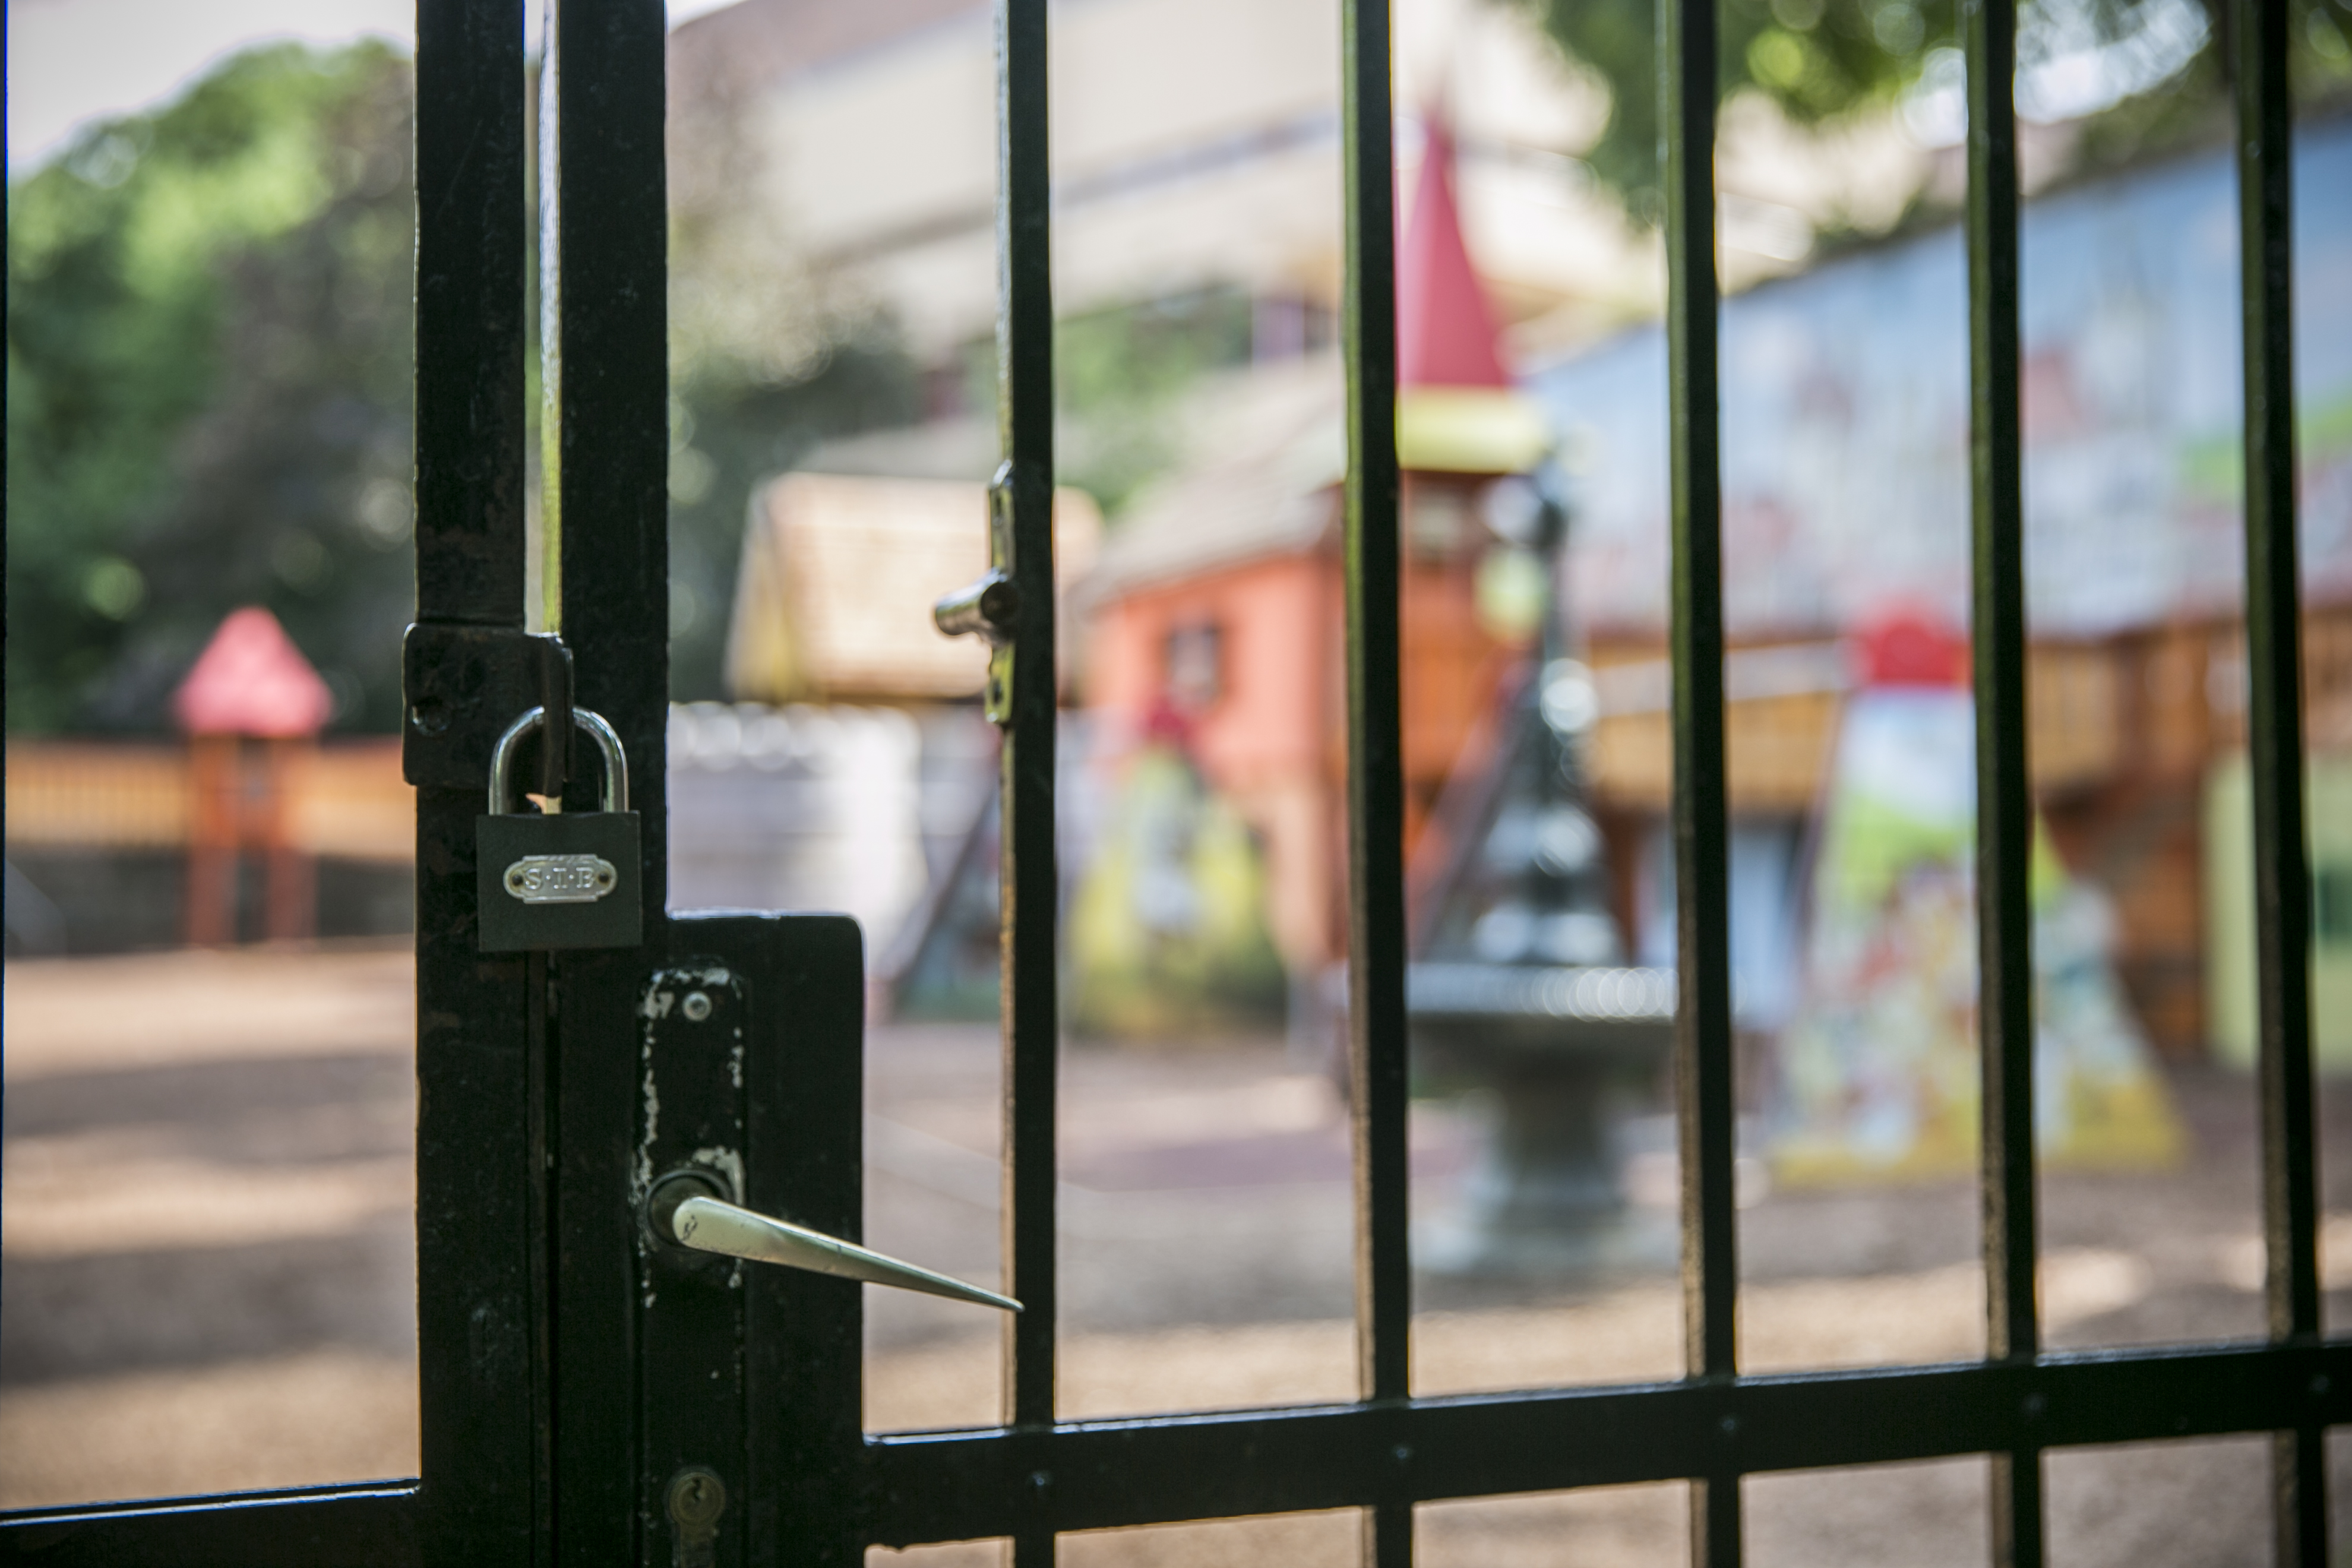 Az önkormányzat szerint minden rendben van a Várban bezárt játszótérrel, csak extrém terhelésnek volt kitéve